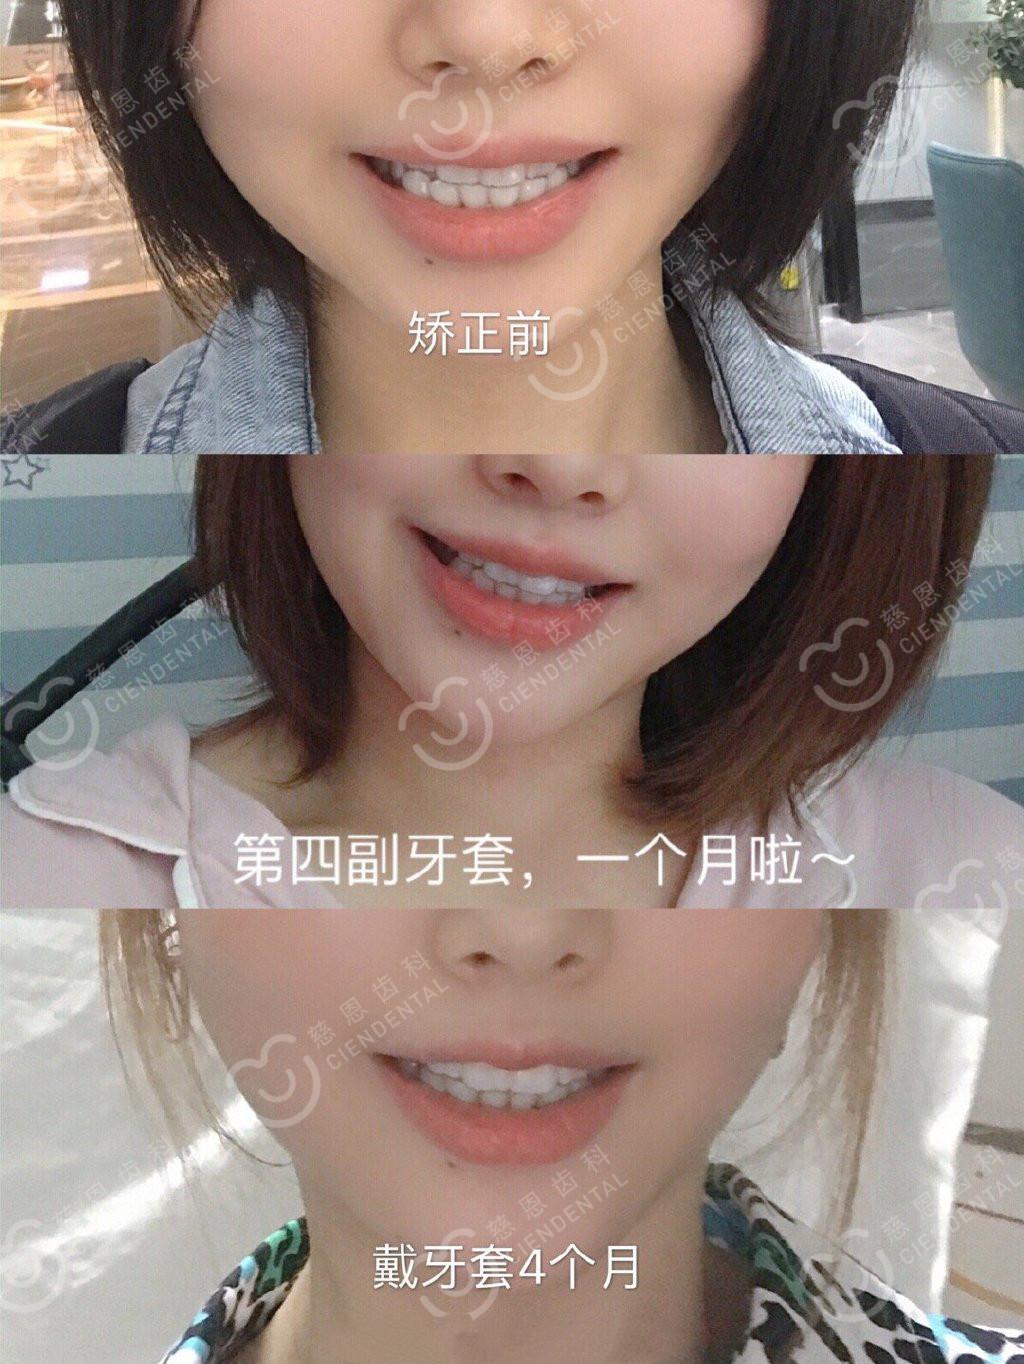 深圳牙齿矫正 | 患者投稿:那些在矫正牙齿的人,经历了什么?